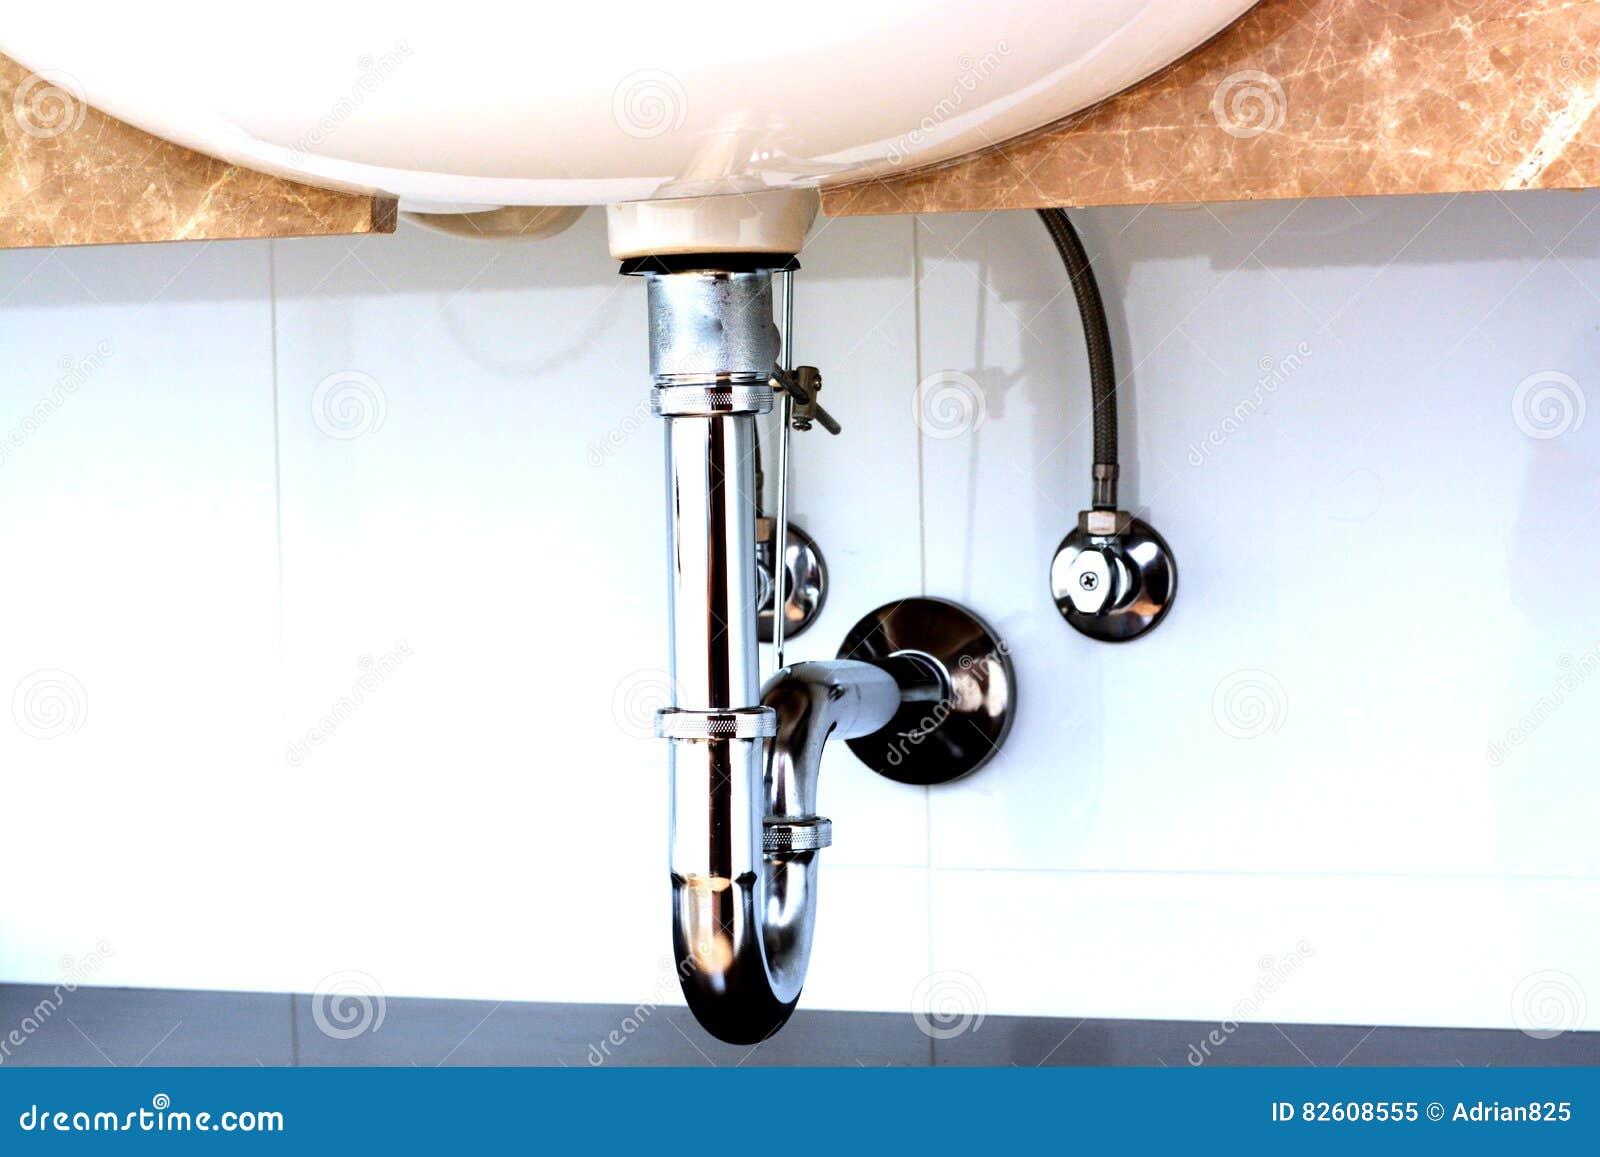 Tubo Scarico Lavandino Bagno tubo di scarico del lavandino in un bagno immagine stock